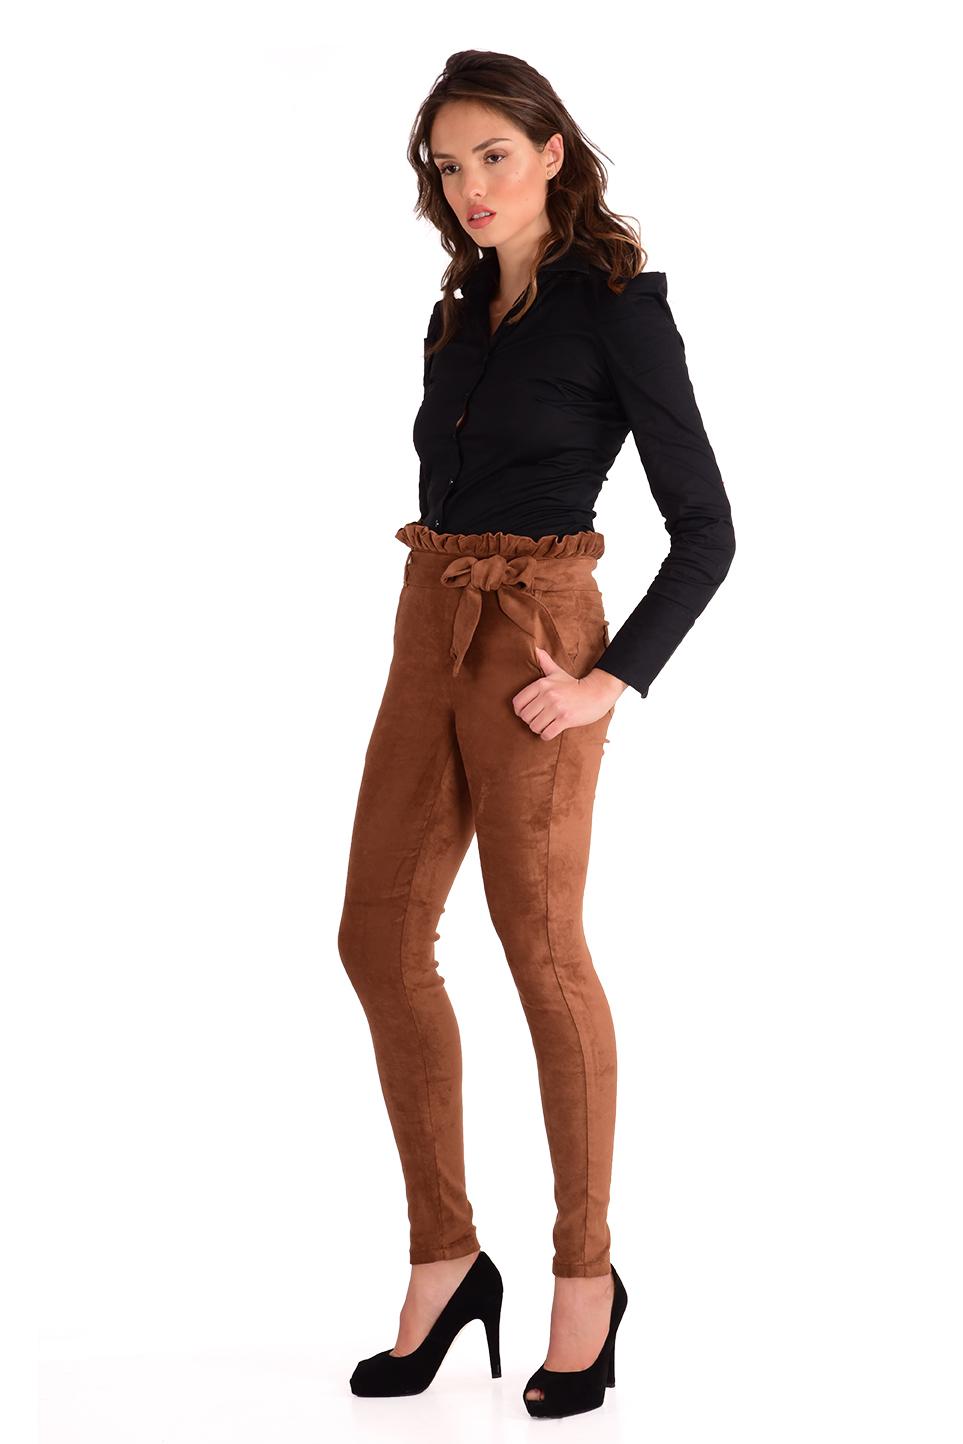 מכנס  צמוד וגבוה בצבע מוקה עם חגורה